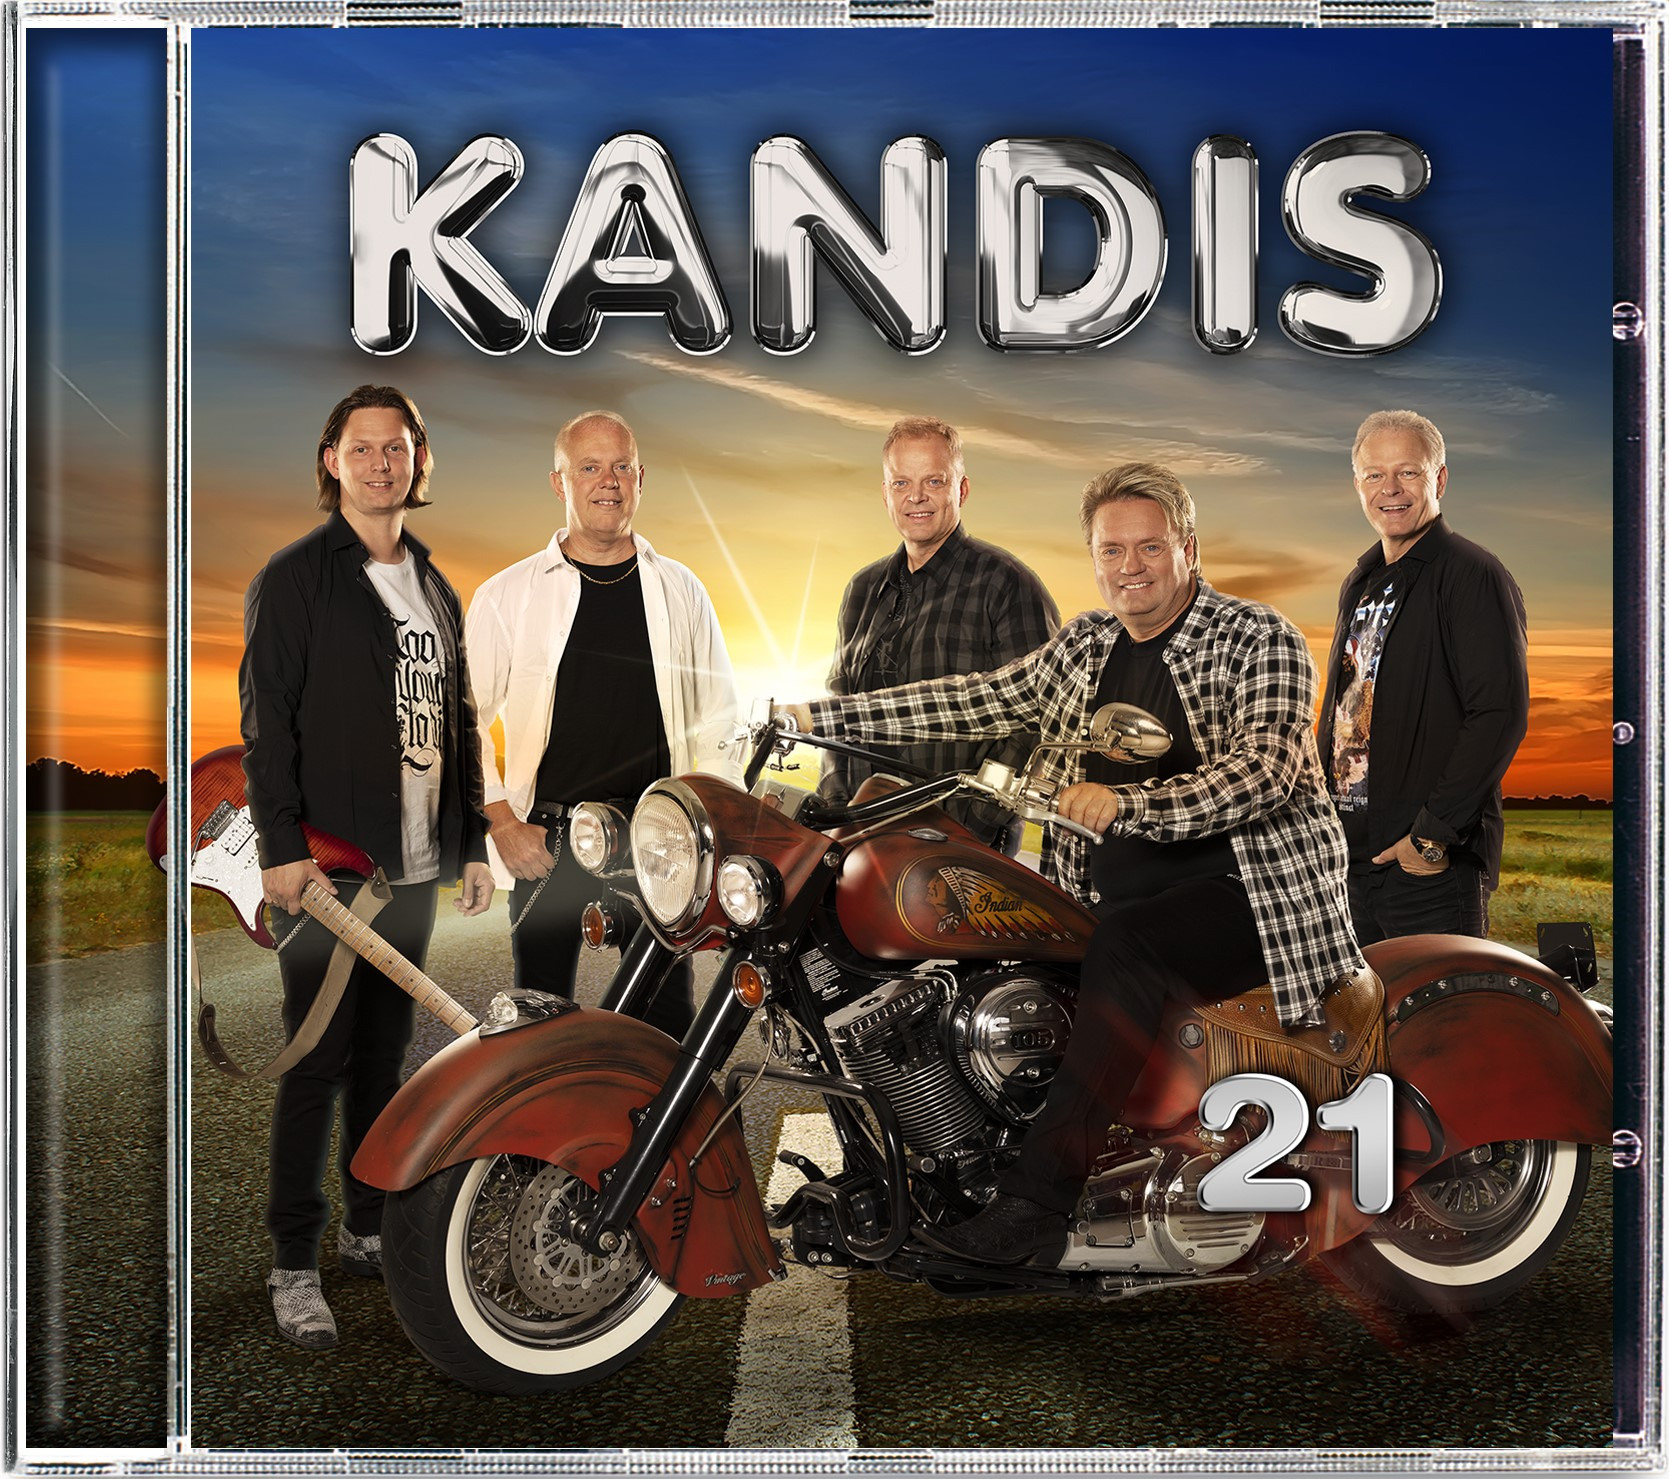 KANDIS 21  [Signeret] - KANDIS - Musik -  - 5712192003381 - November 15, 2021